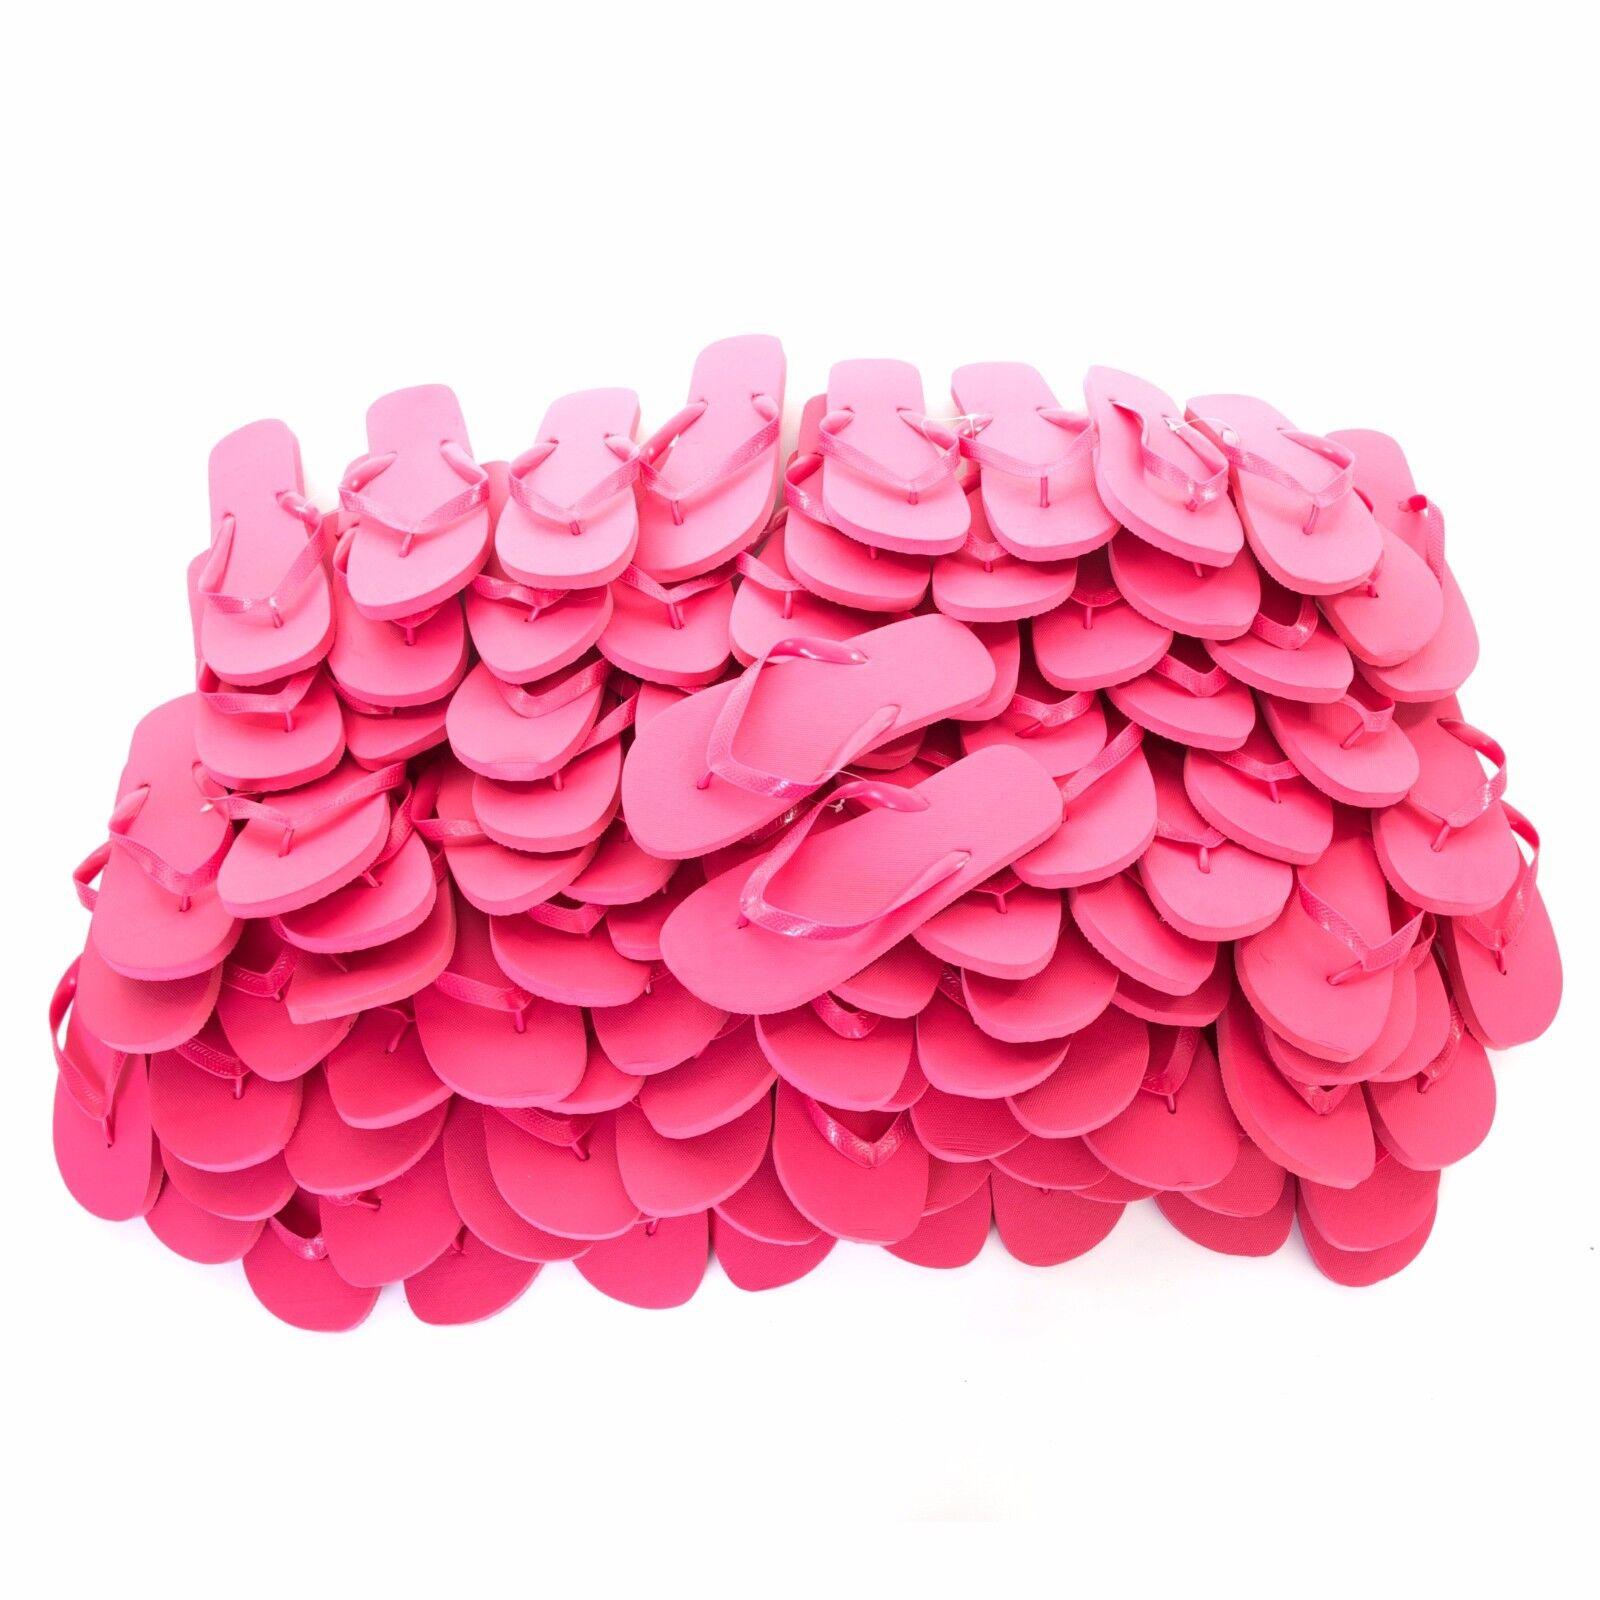 Zohula color rosa Flip Flop-comprar a granel 10 - 100 pares de sólo .35 por Par + Lote